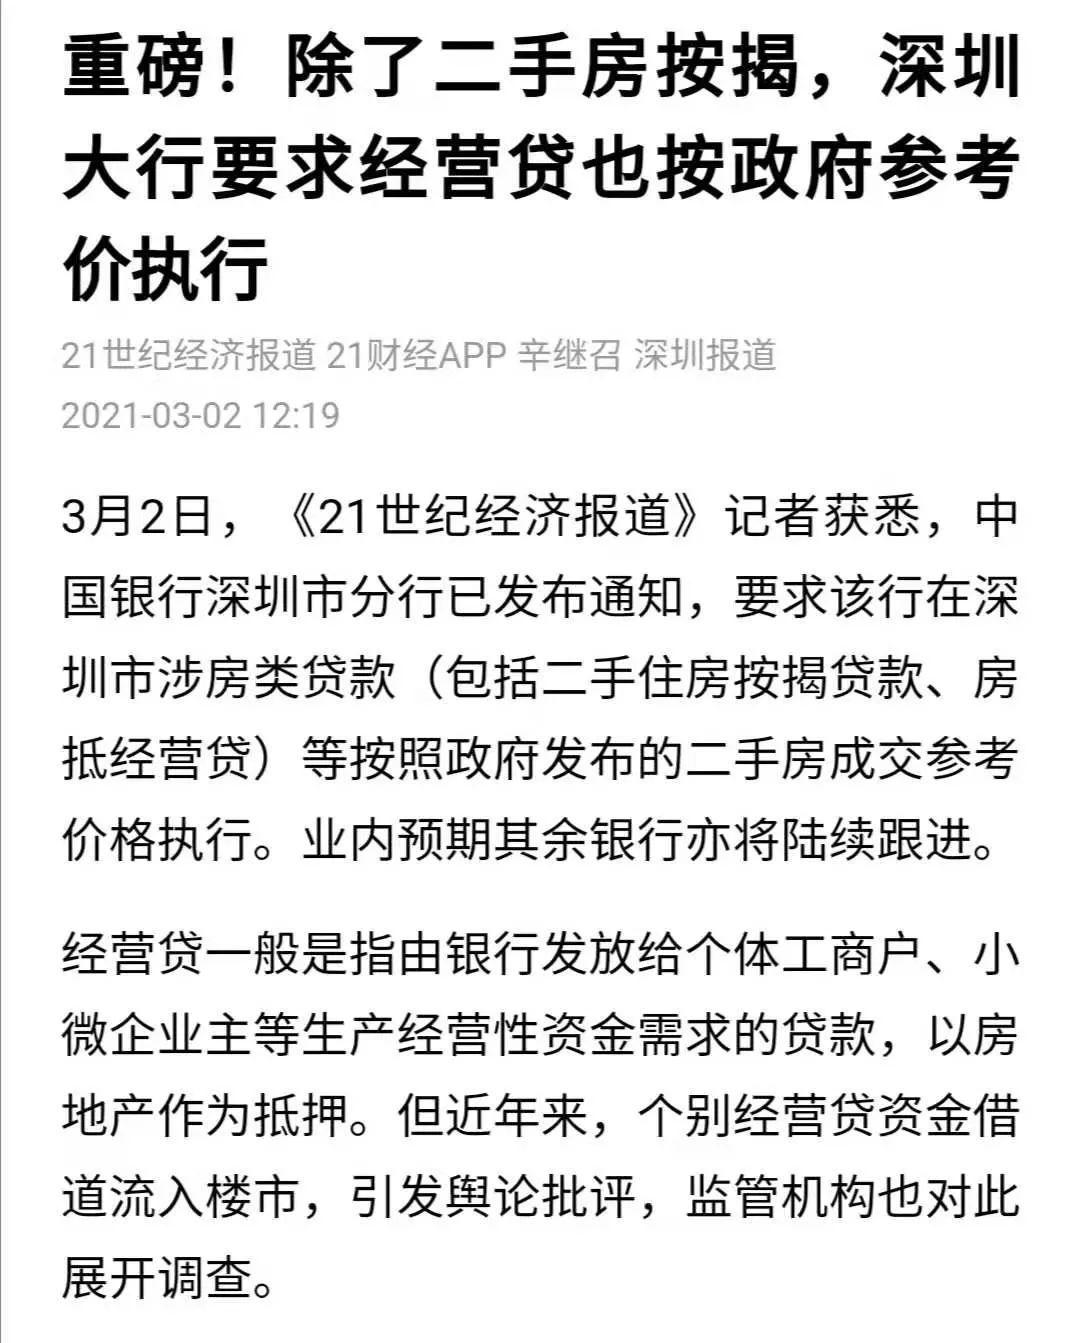 深圳楼市用二手房抵押贷款以及房抵经营贷都按参考价贷款